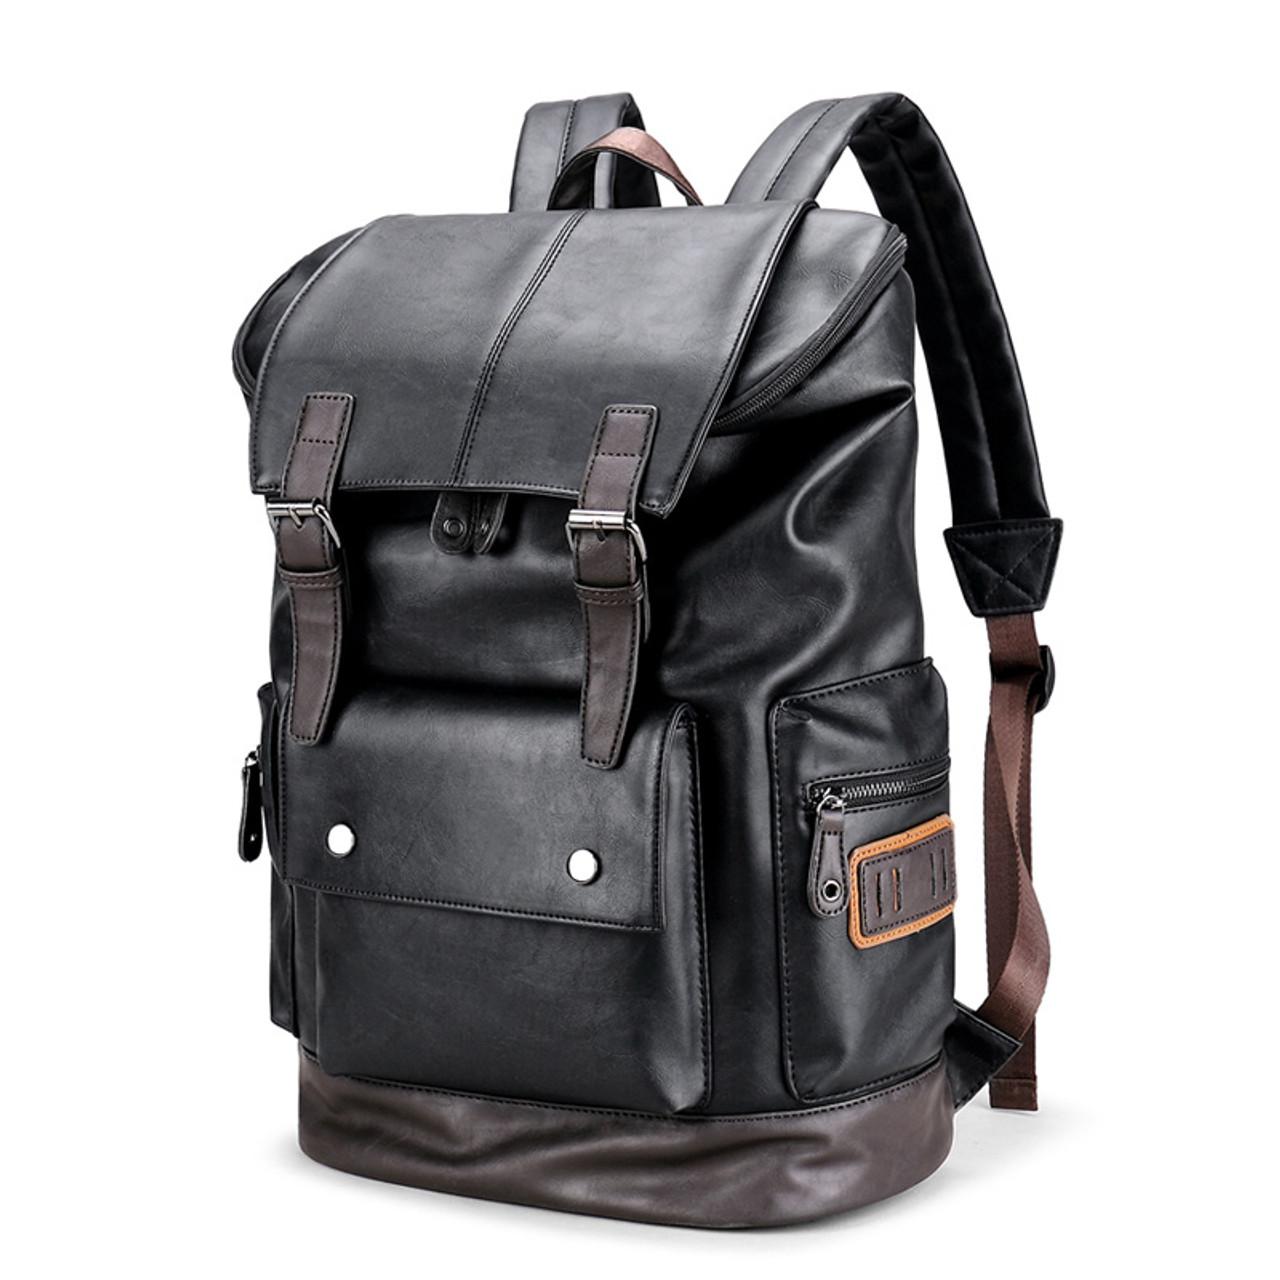 d846929e577d ... mochila notebook schoolbag mens anti theft backpack bag back pack  laptop rucksack leather backpacks for school ...